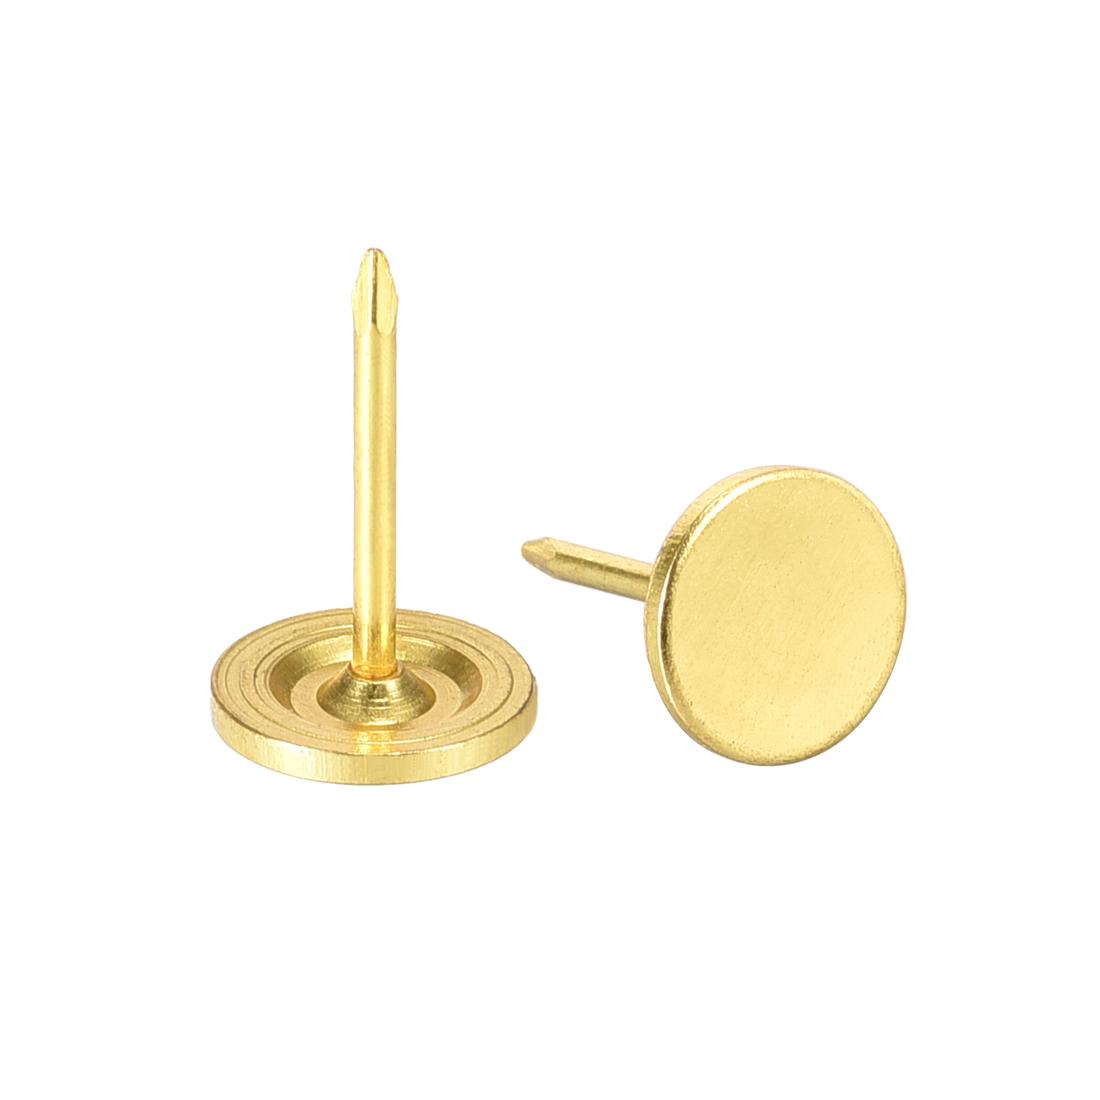 Upholstery Nails Tacks 11mmx17mm Flat Head Furniture Nail Gold Tone 100 Pcs